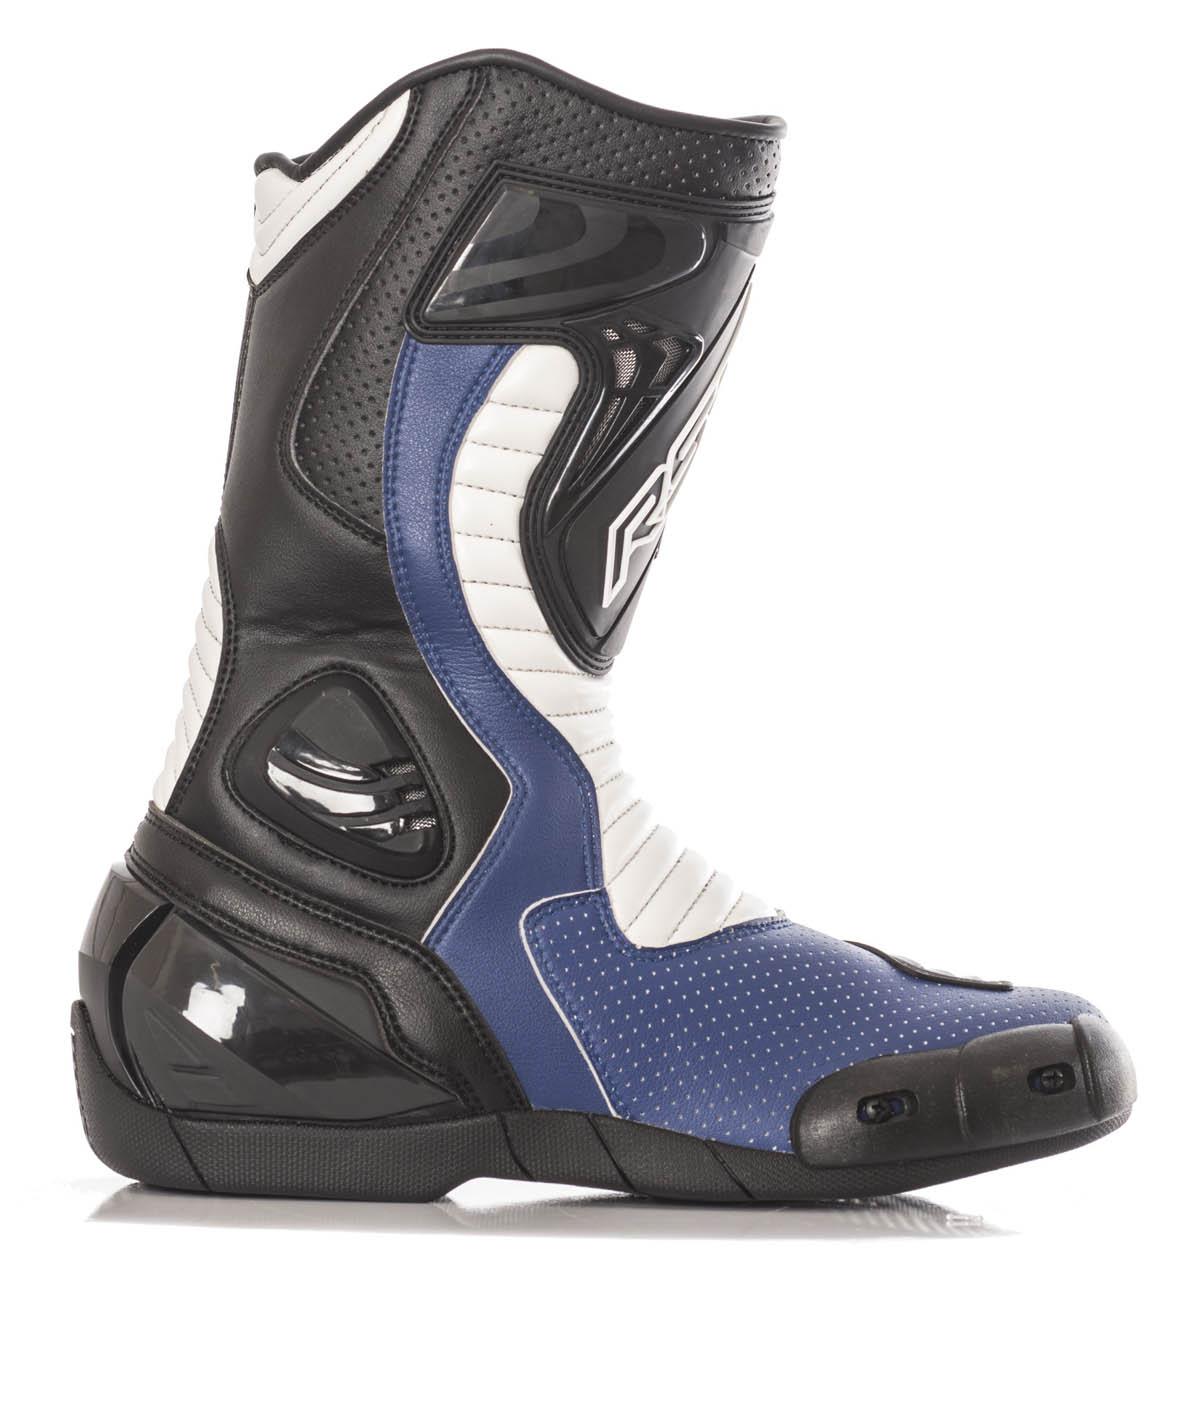 【RST】RST 1063 R-16 車靴 - 「Webike-摩托百貨」